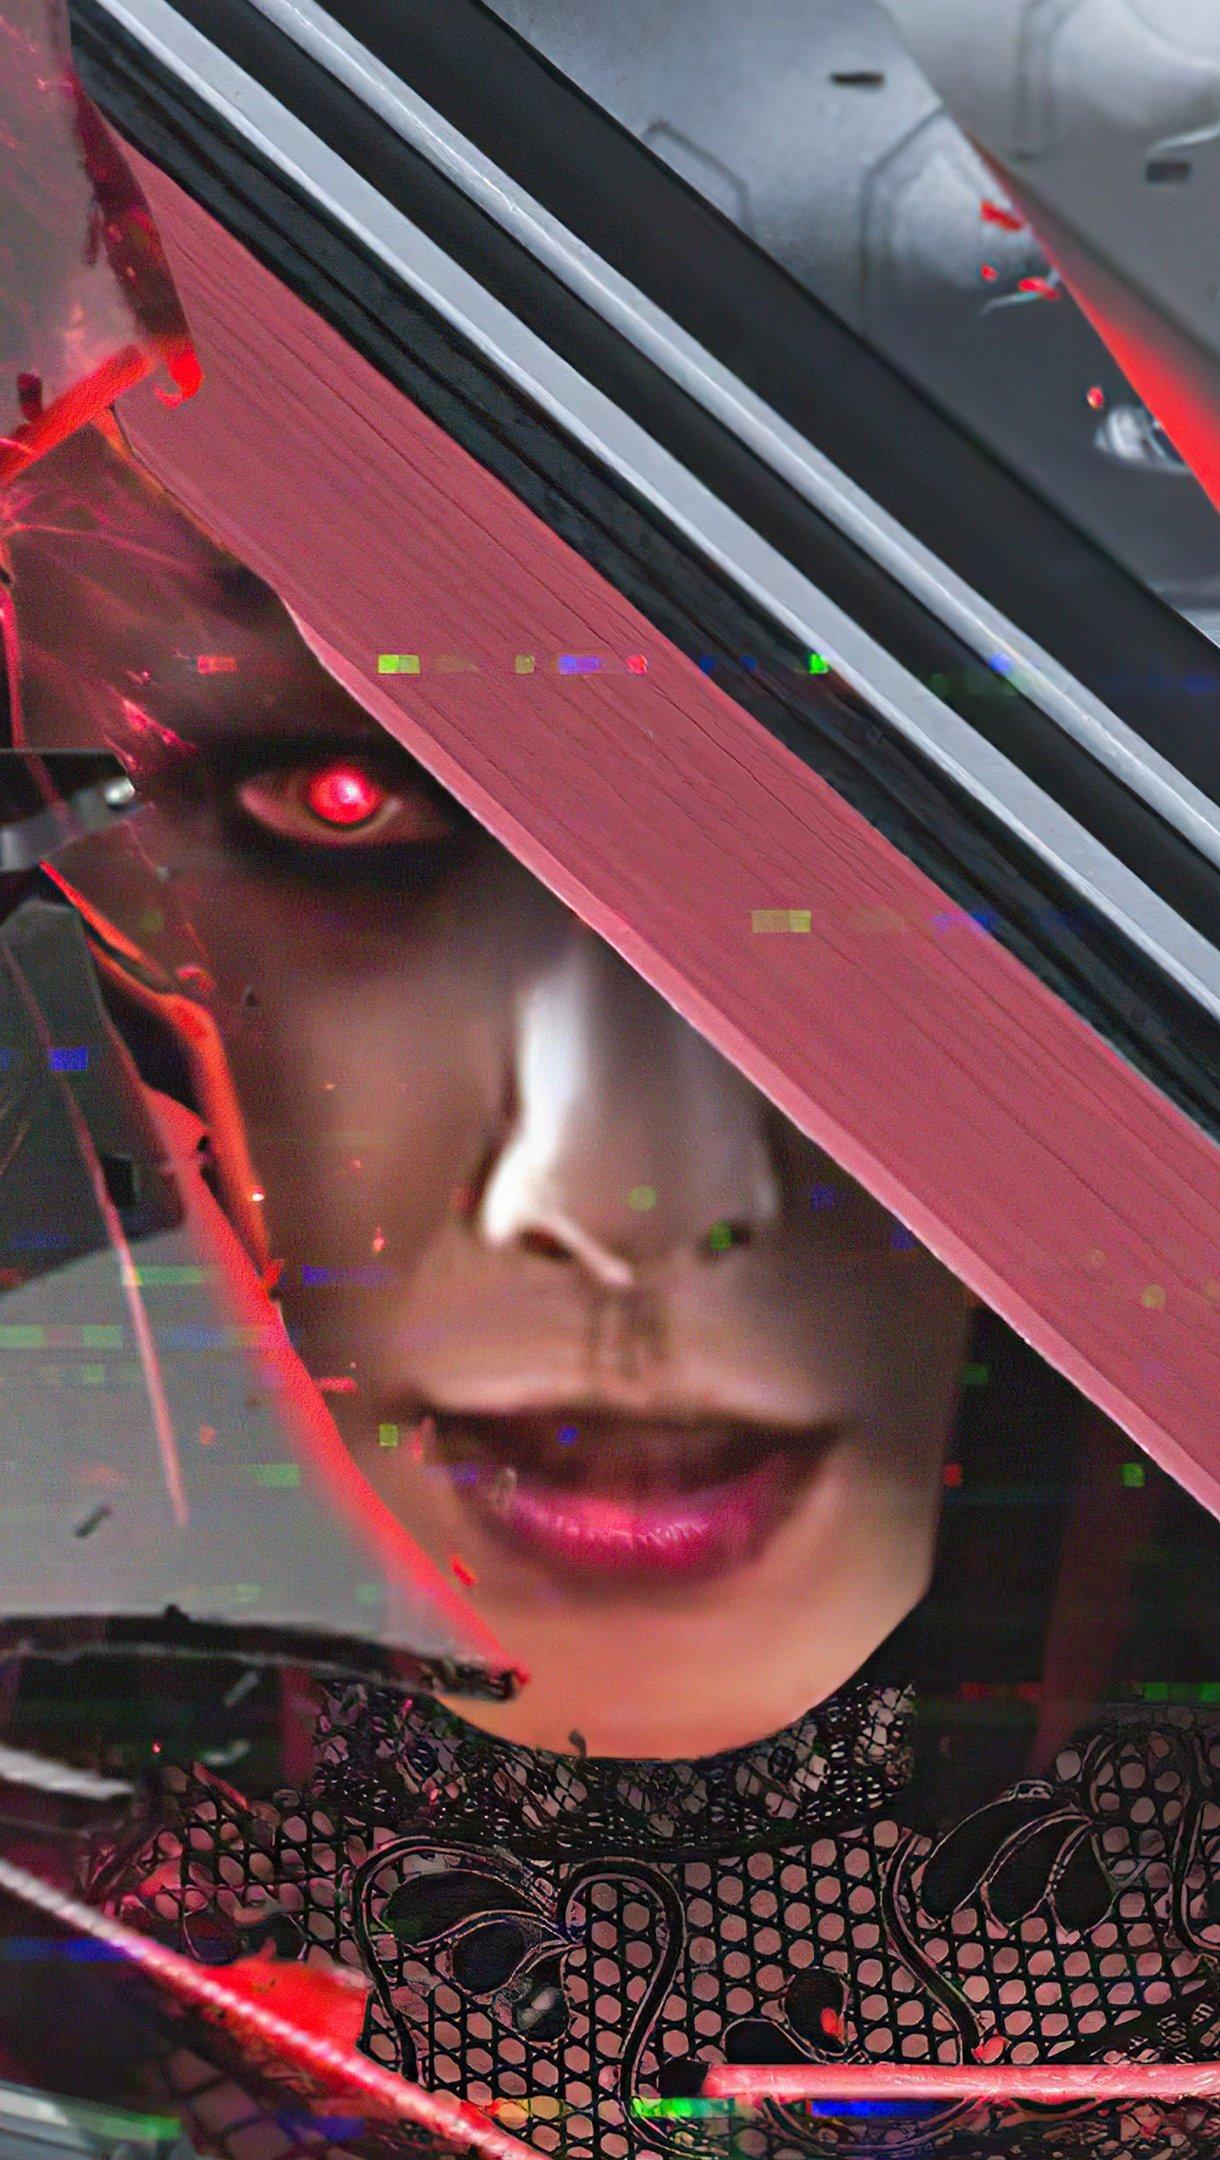 Fondos de pantalla Bruja escarlata Wandavision Vertical